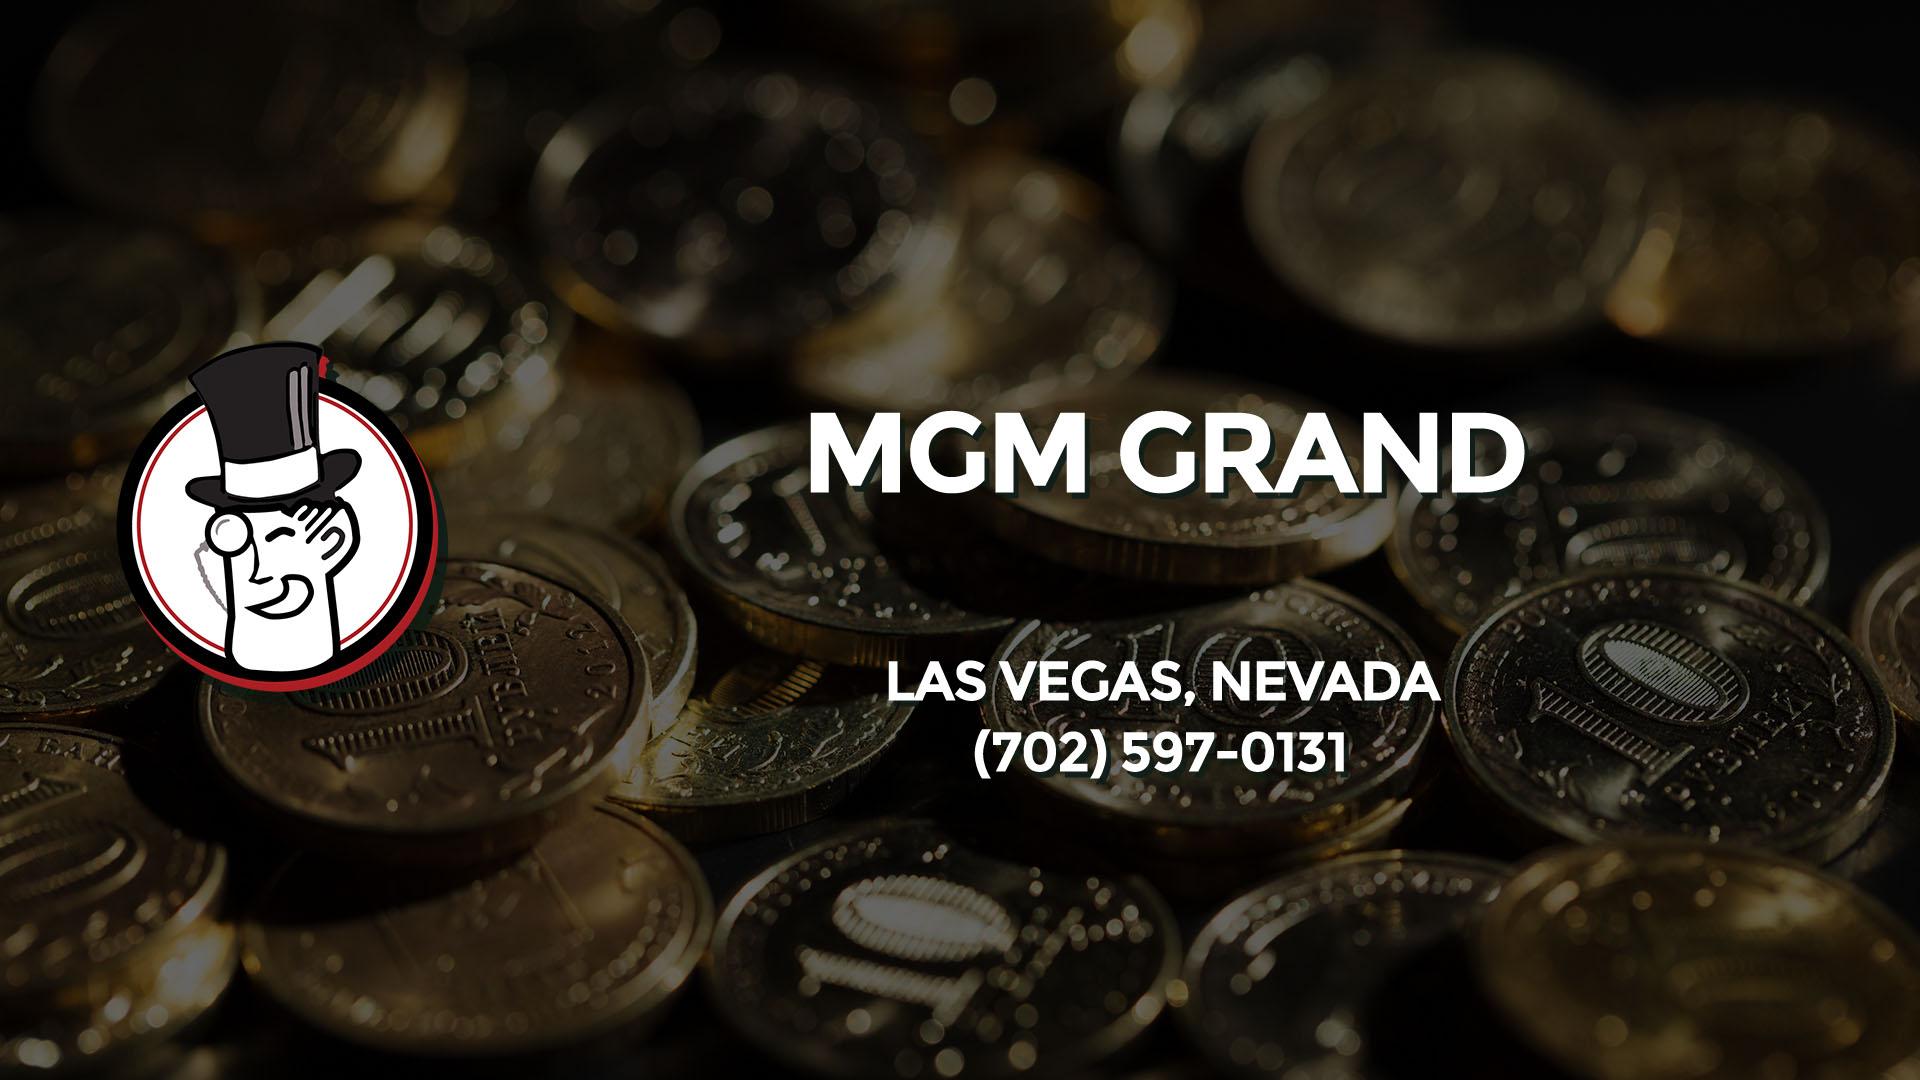 MGM GRAND LAS VEGAS NV